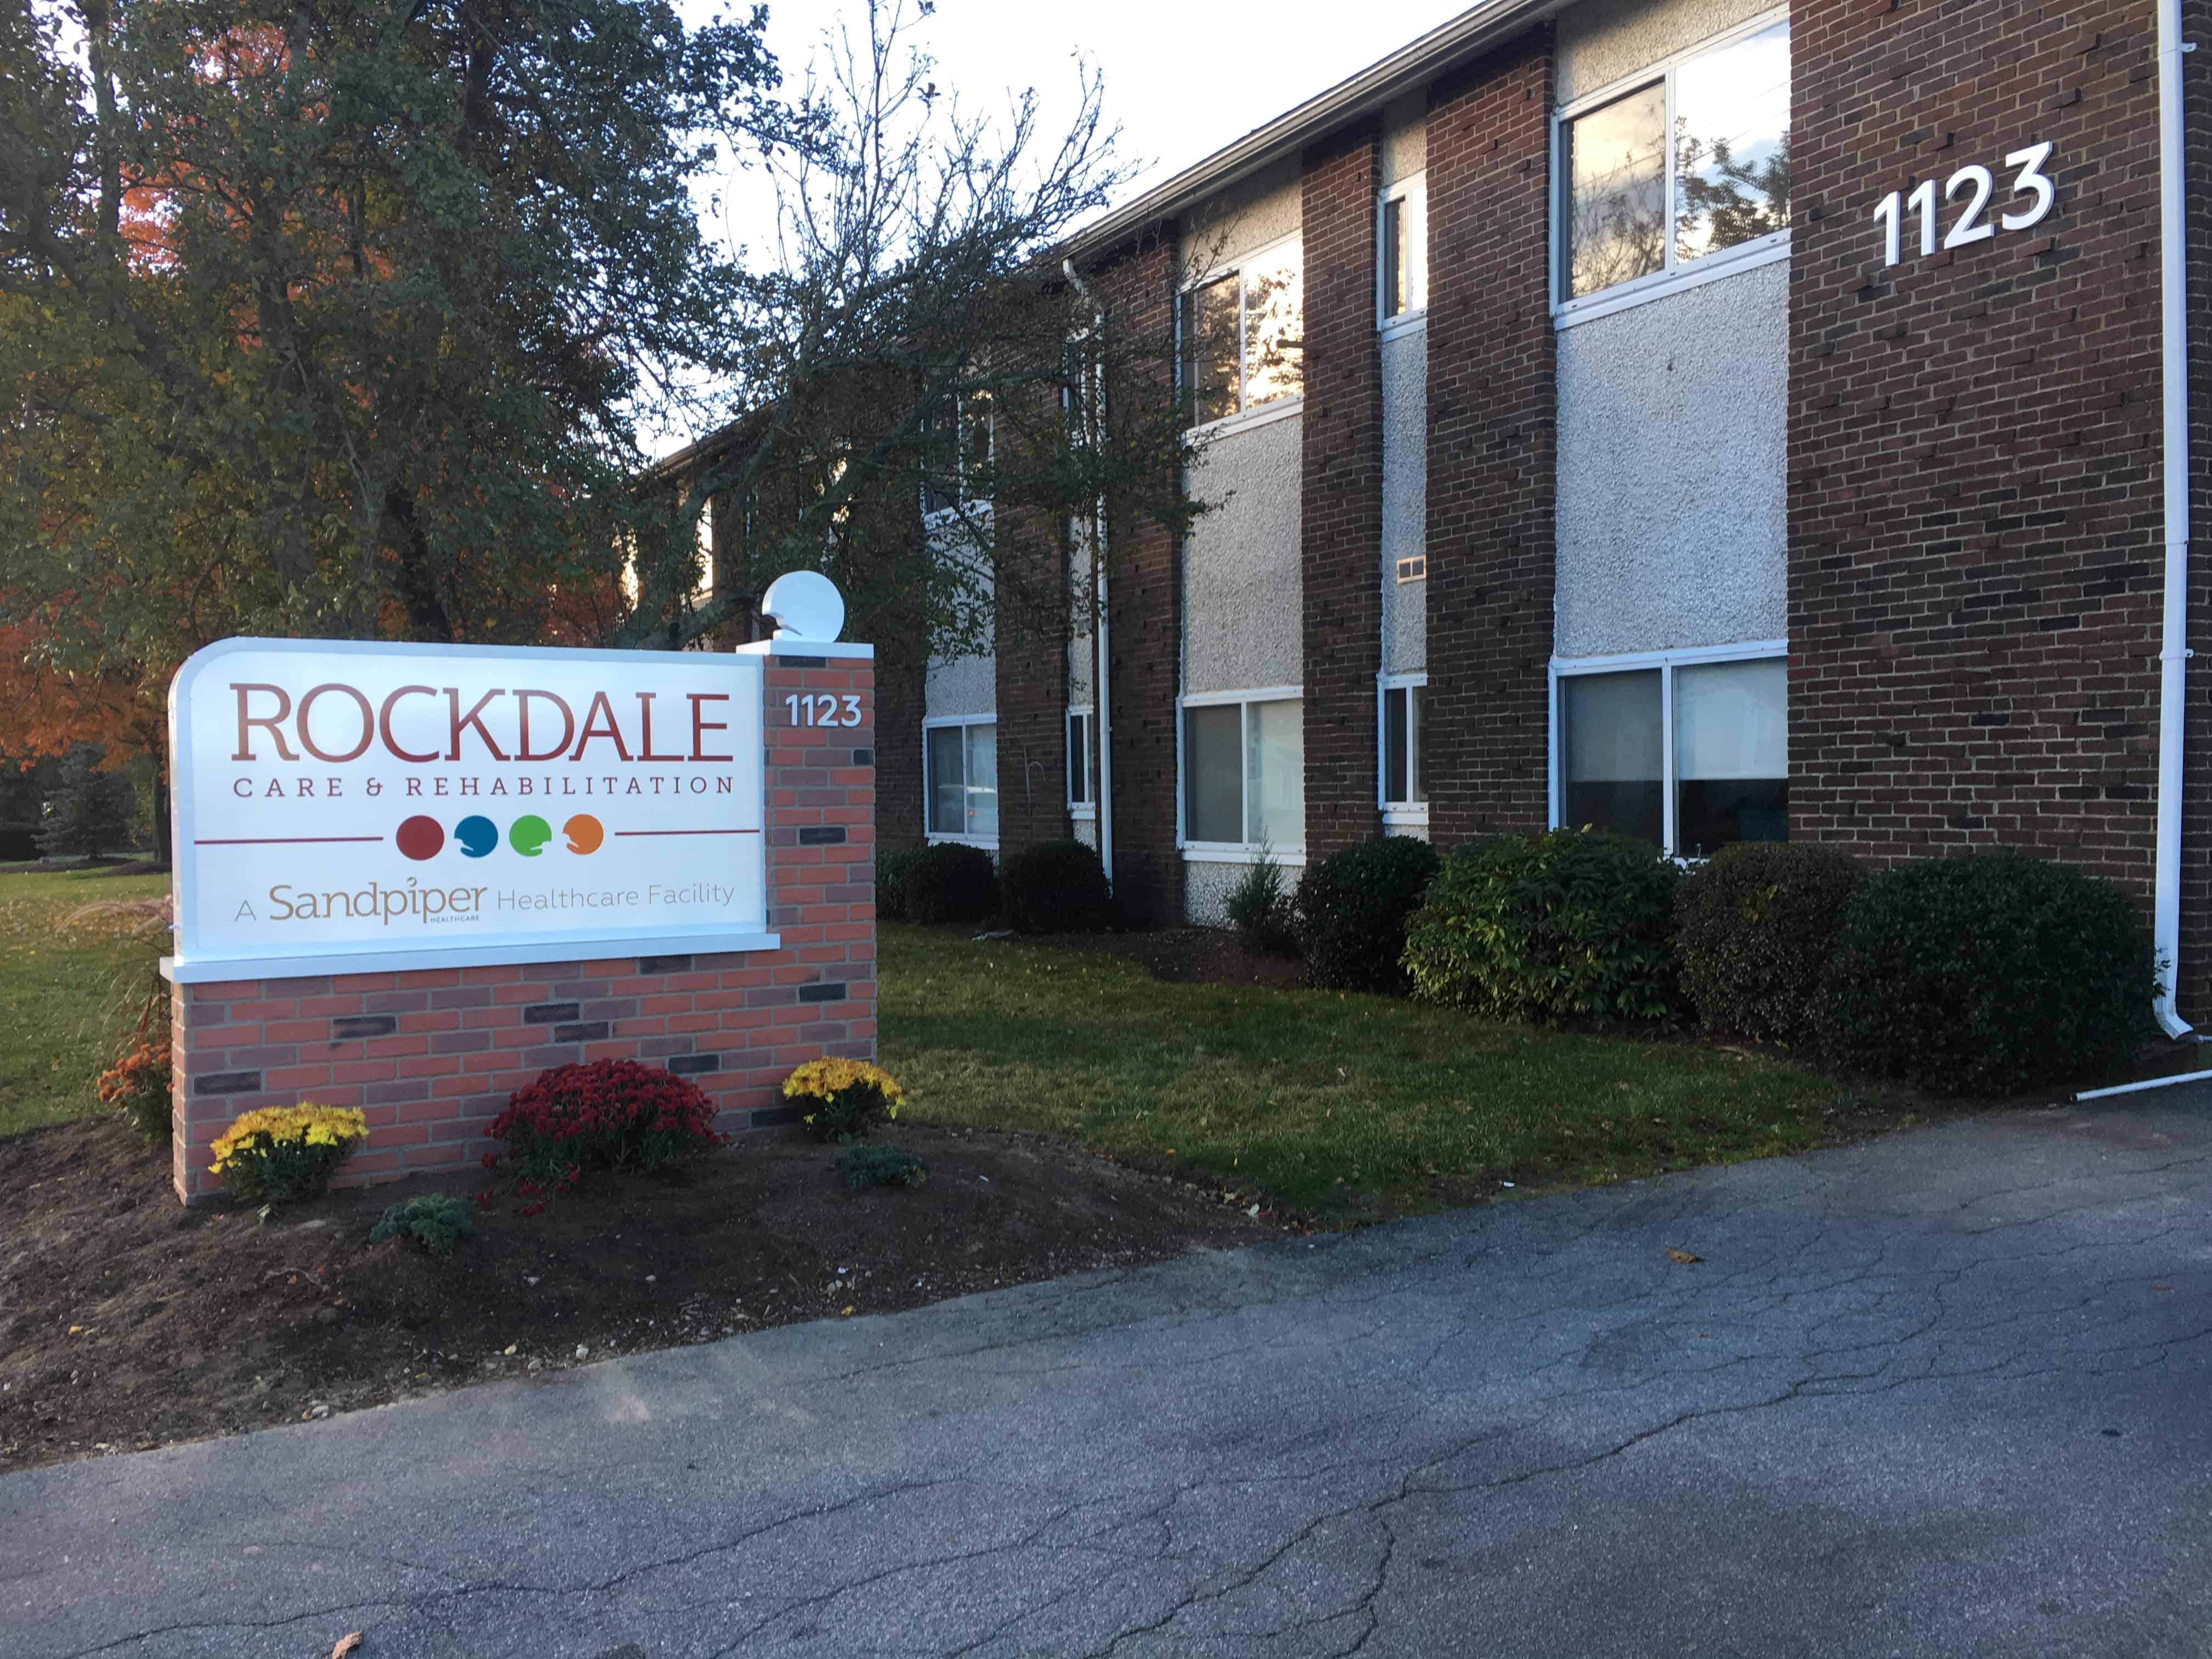 Rockdale Care & Rehab